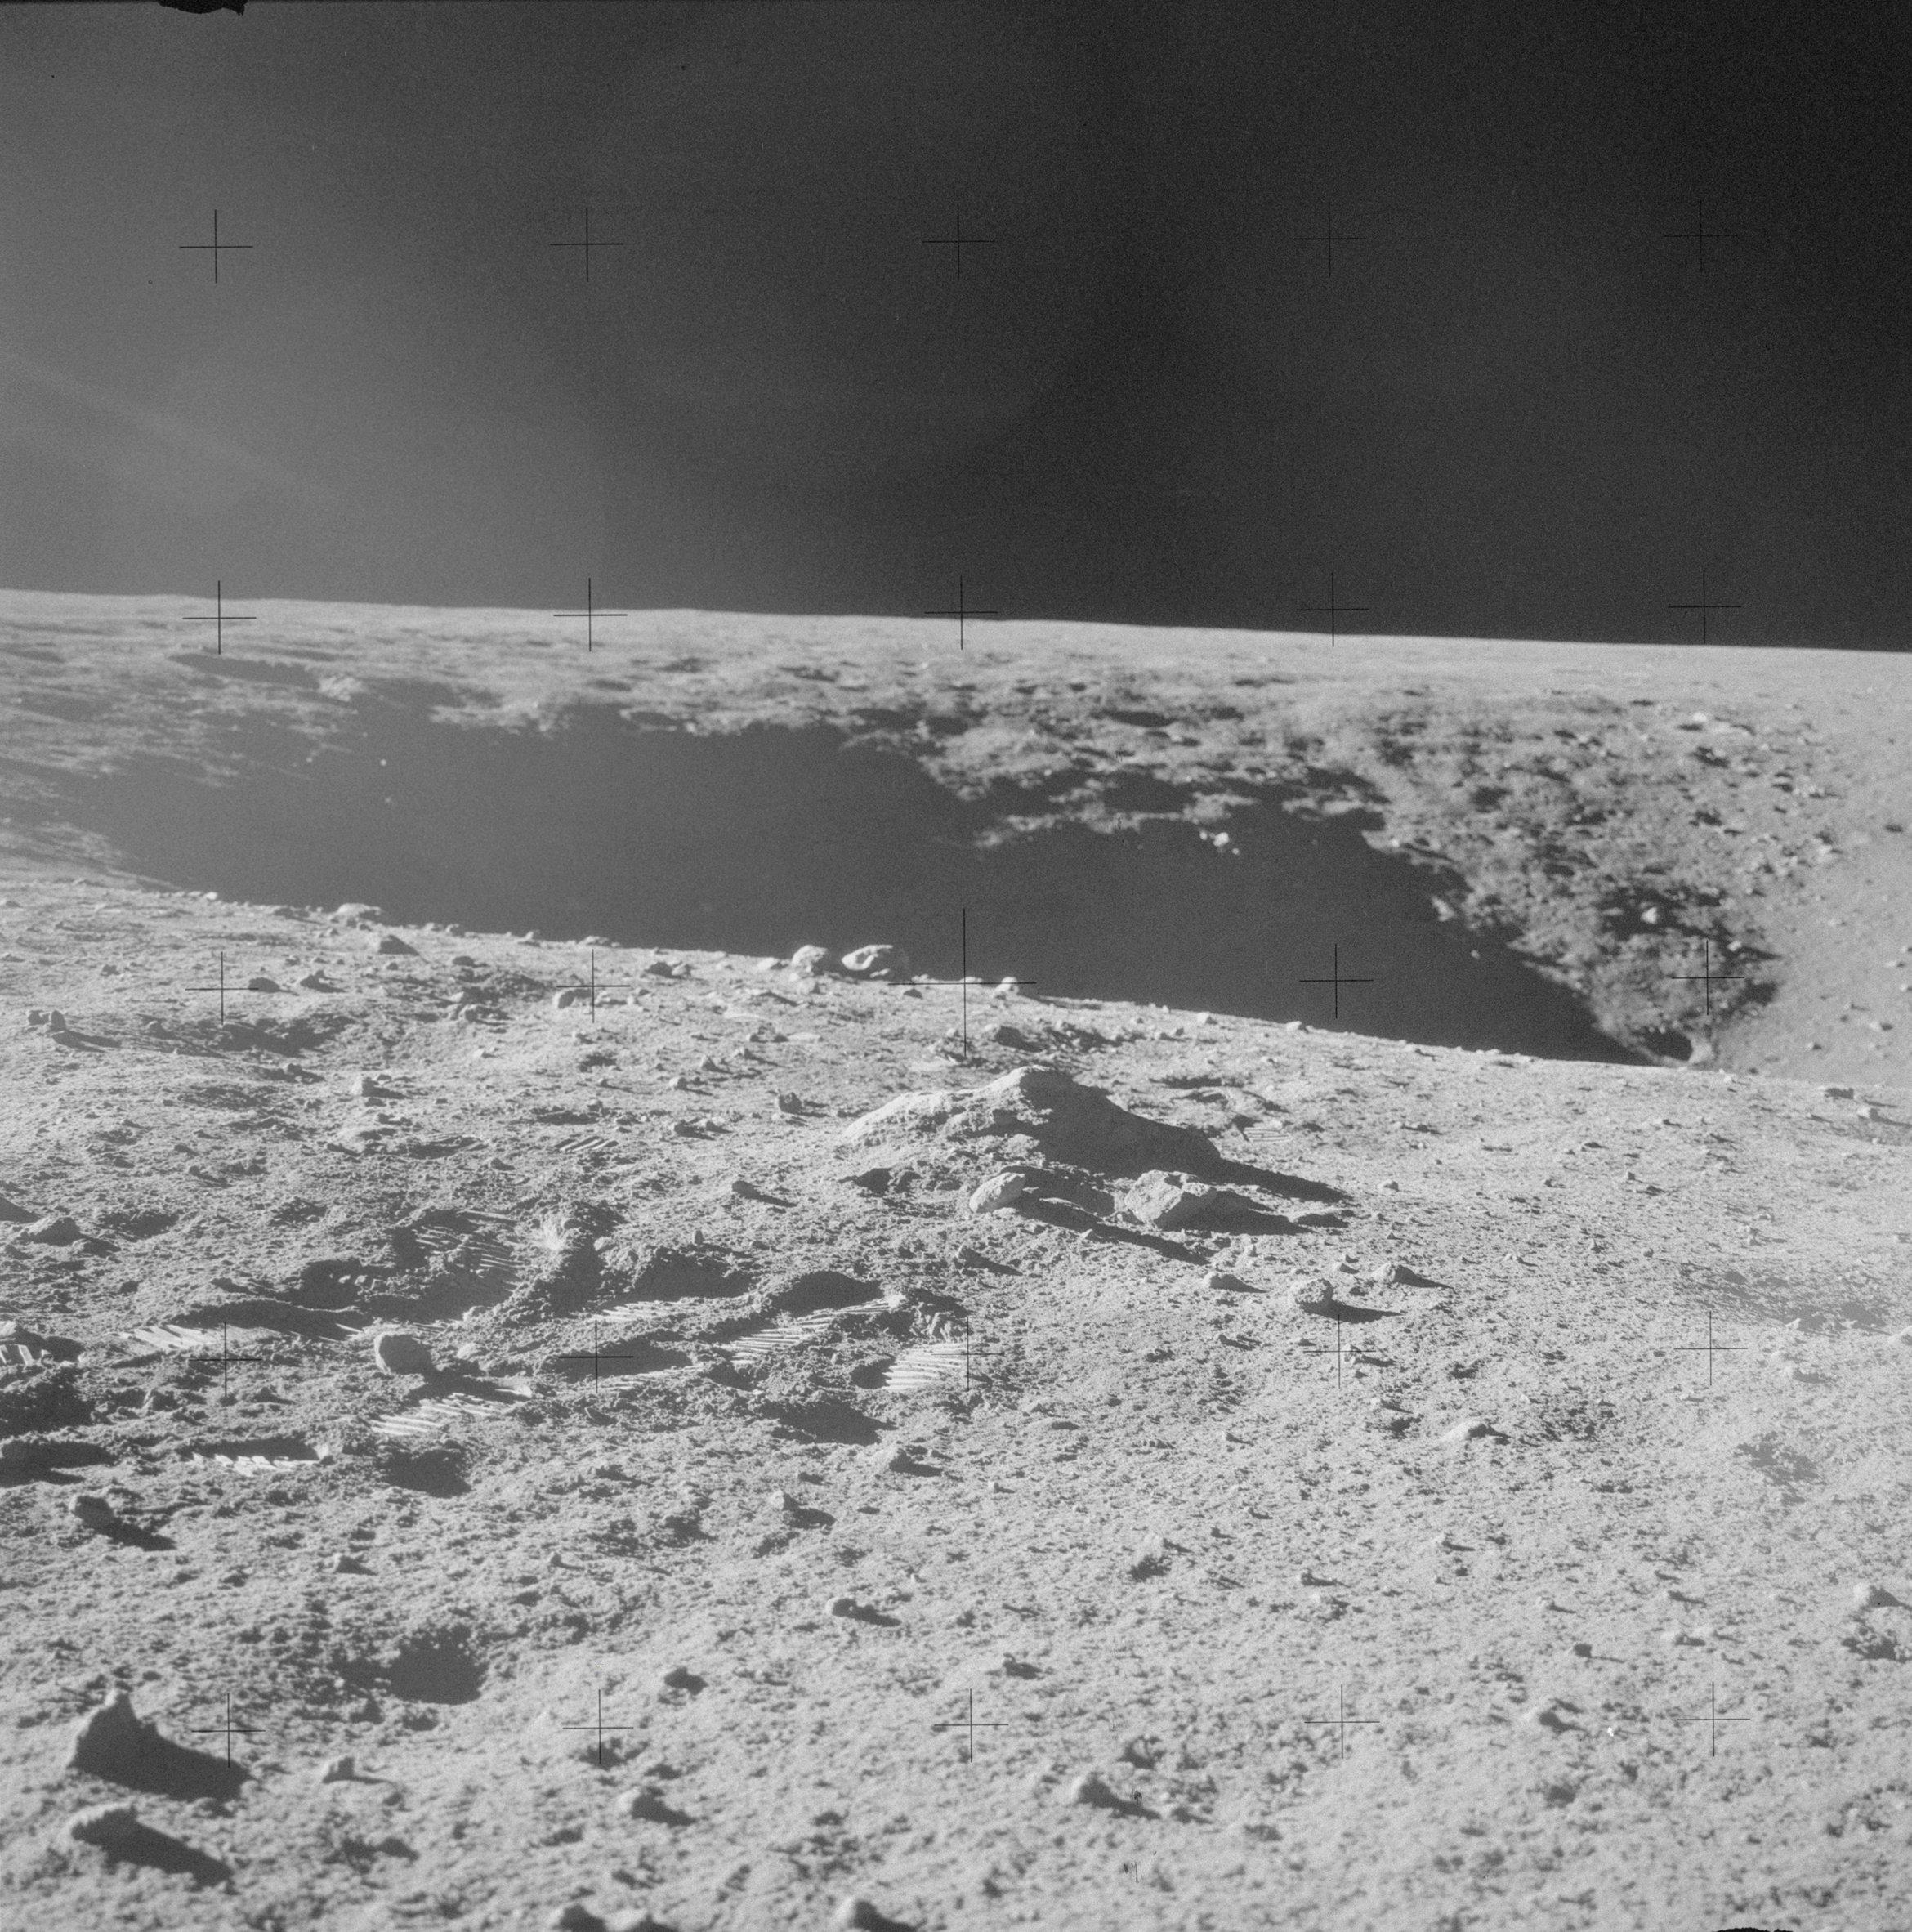 apollo 12 mission report - photo #12